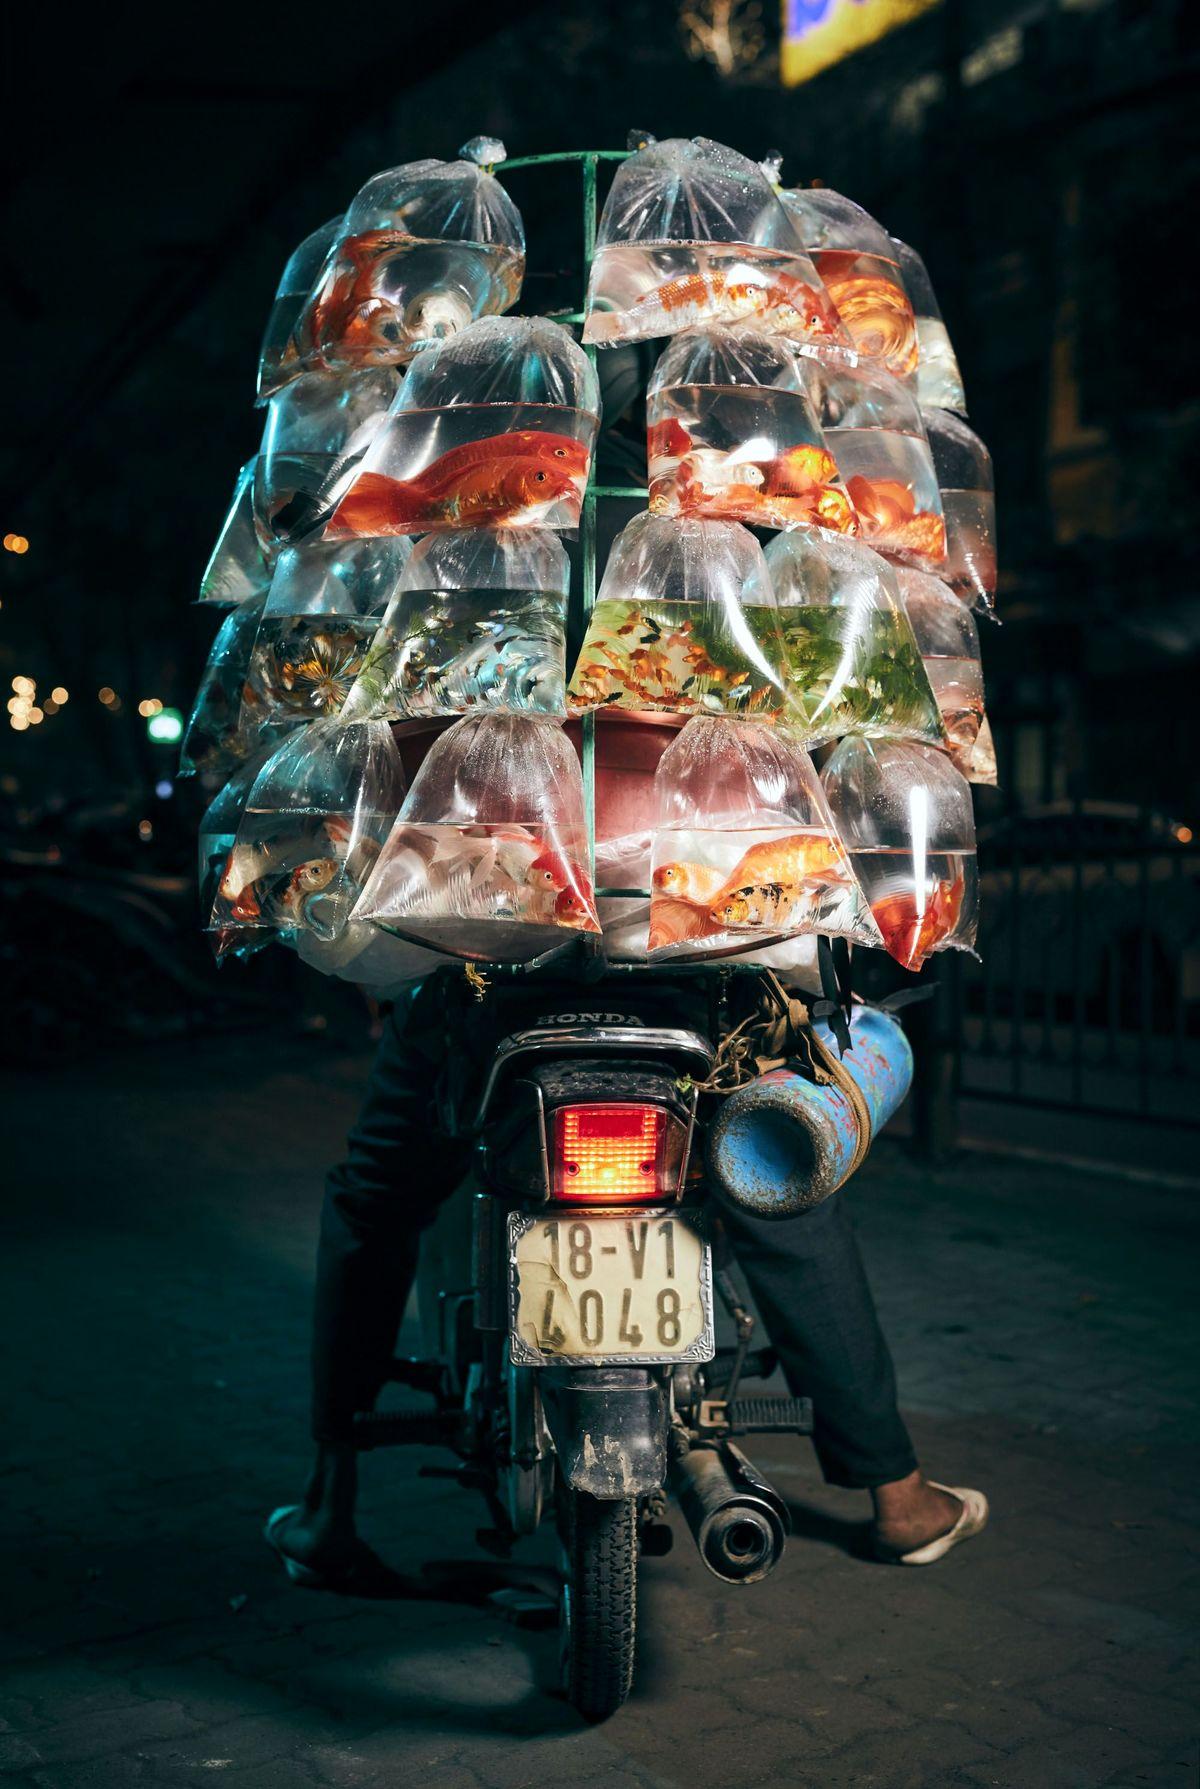 تصویری جالب از یک ماهی فروش!